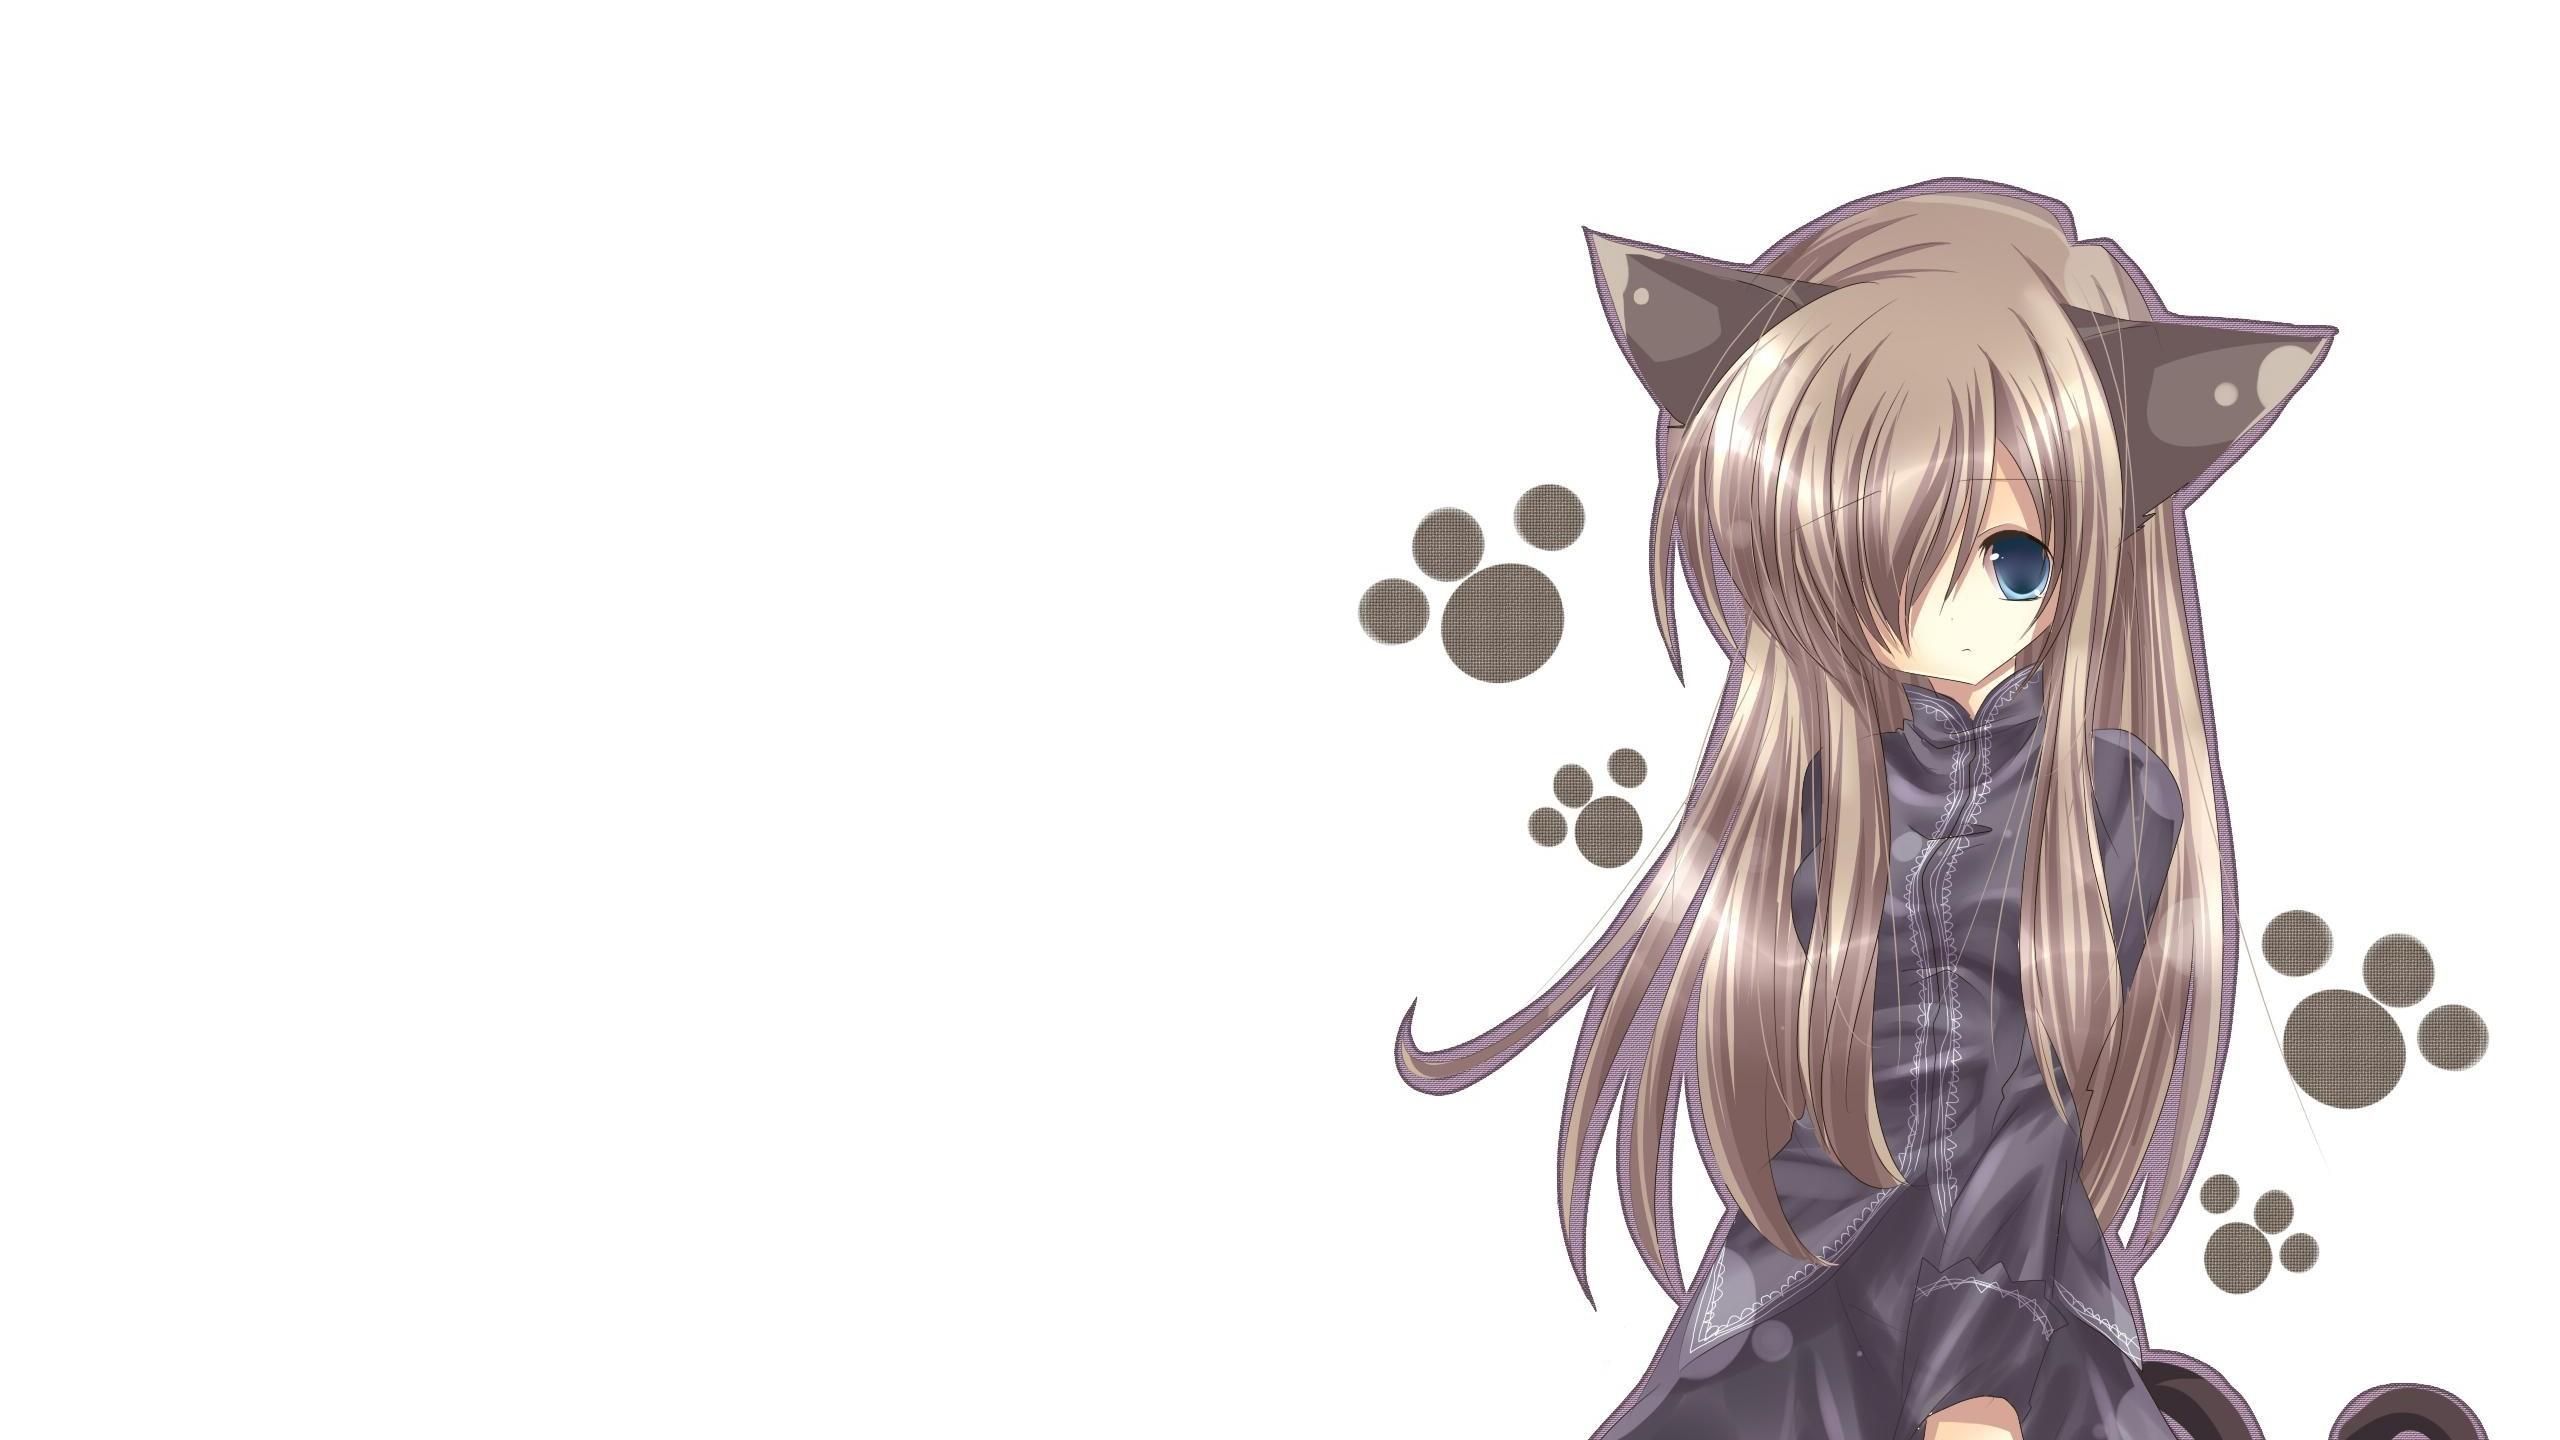 Wallpaper cat girl, nekomimi, art, anime, girl